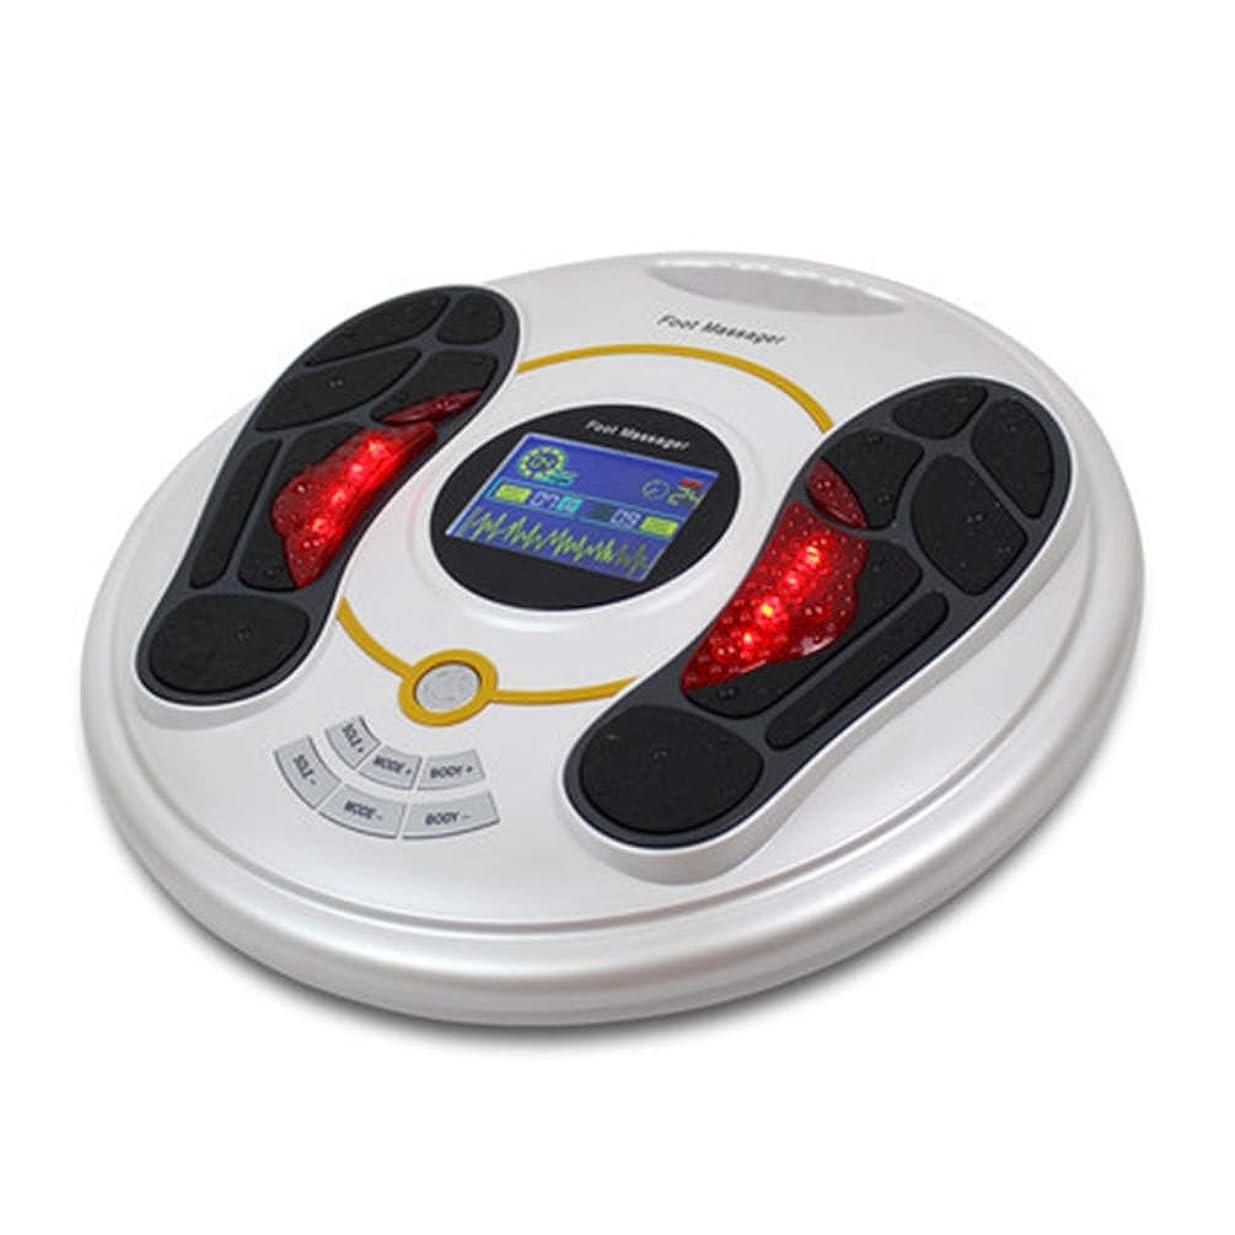 採用する対象思い出させるリモコン 電磁石の足のマッサージャー、指圧ボディマッサージャーの循環のマッサージャーは血循環療法の苦痛救助を刺激するために後押しします。 インテリジェント, white